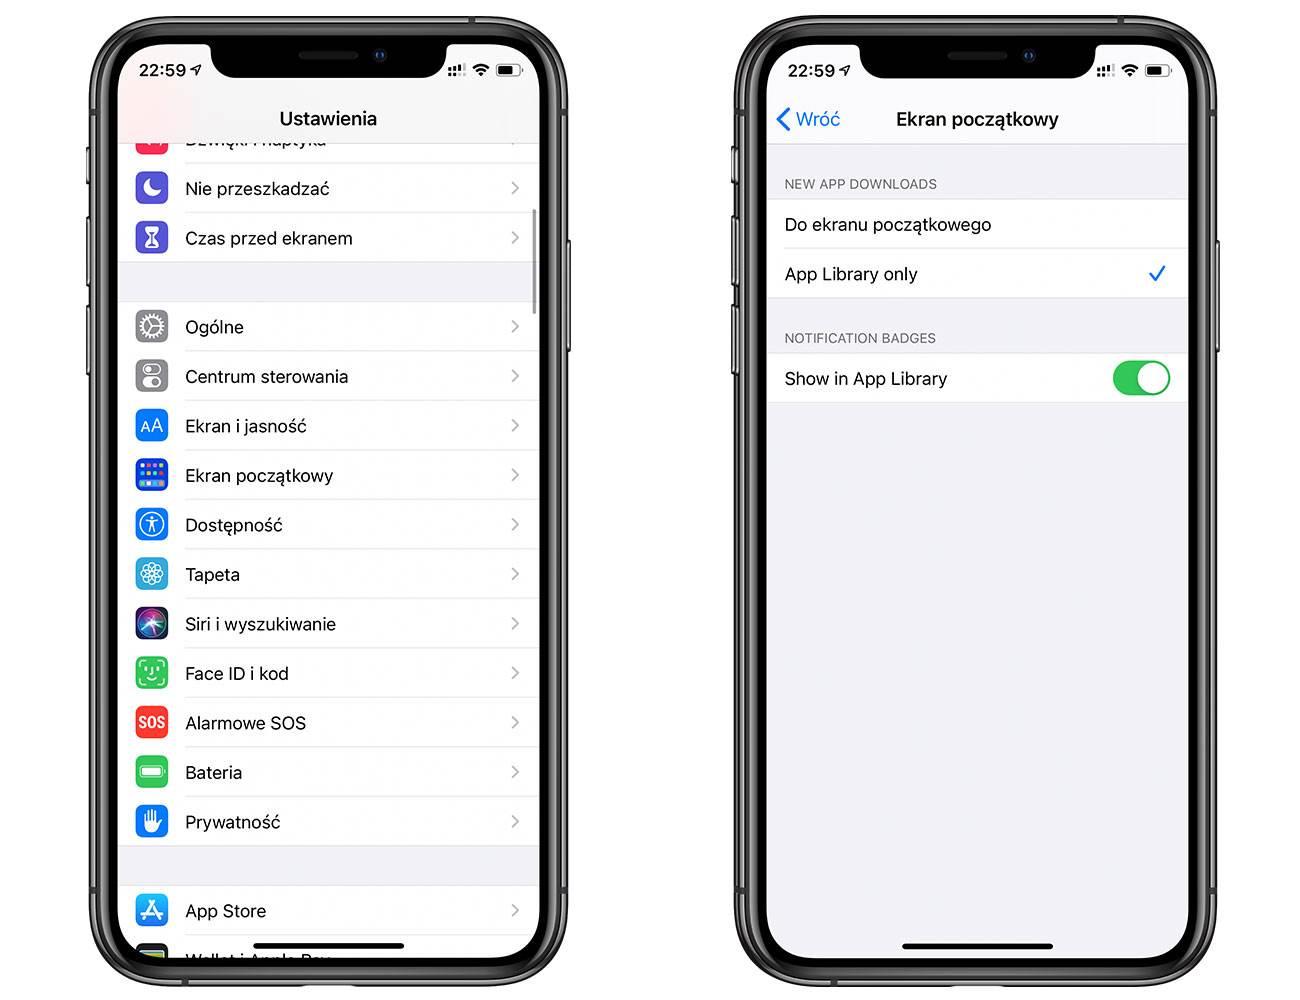 iOS 14 - polskie screeny polecane, ciekawostki zrzuty ekranu, screeny, polskie screeny z iOS 14 beta 1, polskie screeny z iOS 14, jak wygląda iOS 14 beta, jak wyglada iOS 14, iOS 14 z bliska, iOS 14 screeny, iOS 14 beta screeny, iOS, Apple  Pierwsza beta iOS 14 jest już w naszych rękach, więc przygotowaliśmy dla Was polskie screeny z najnowszej wersji iOS. iOS14beta1 4